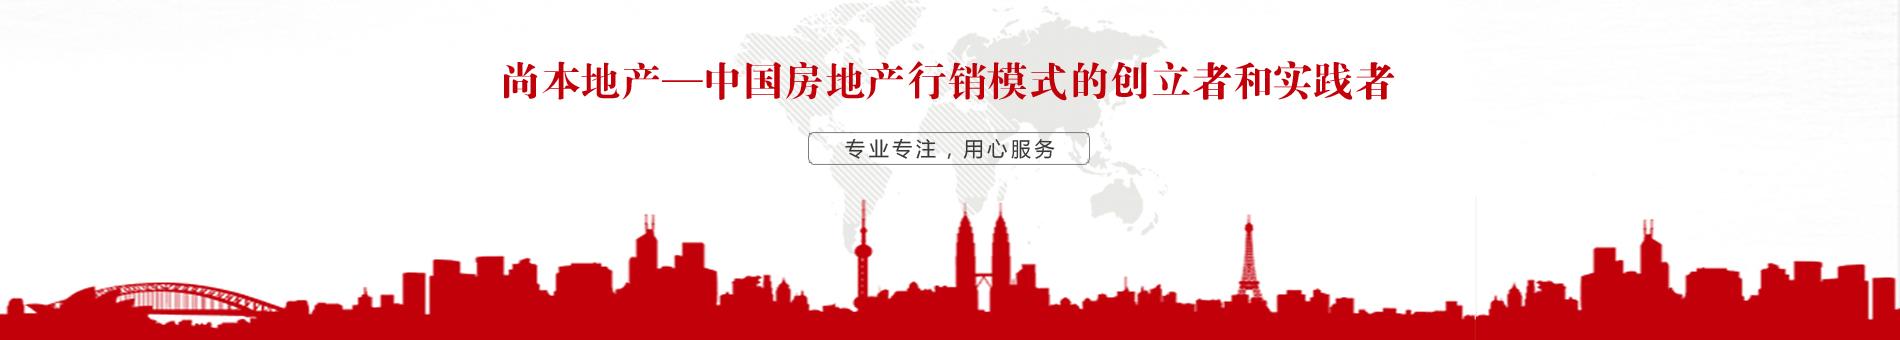 贵州房地产营销策划公司